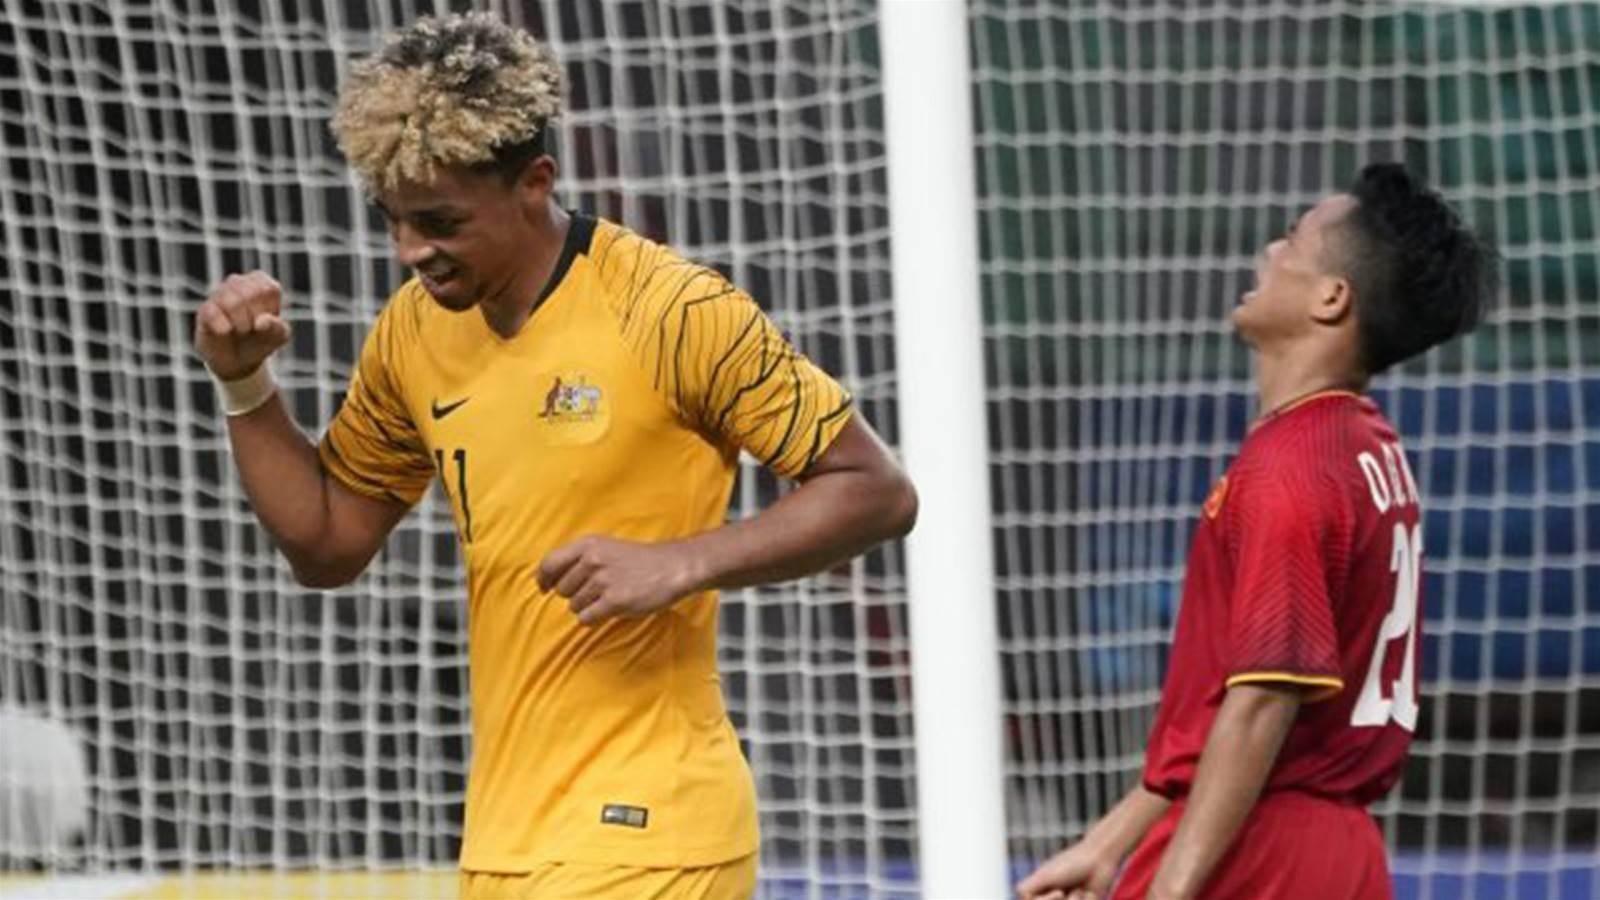 Aussie striker Folami fires Ipswich top